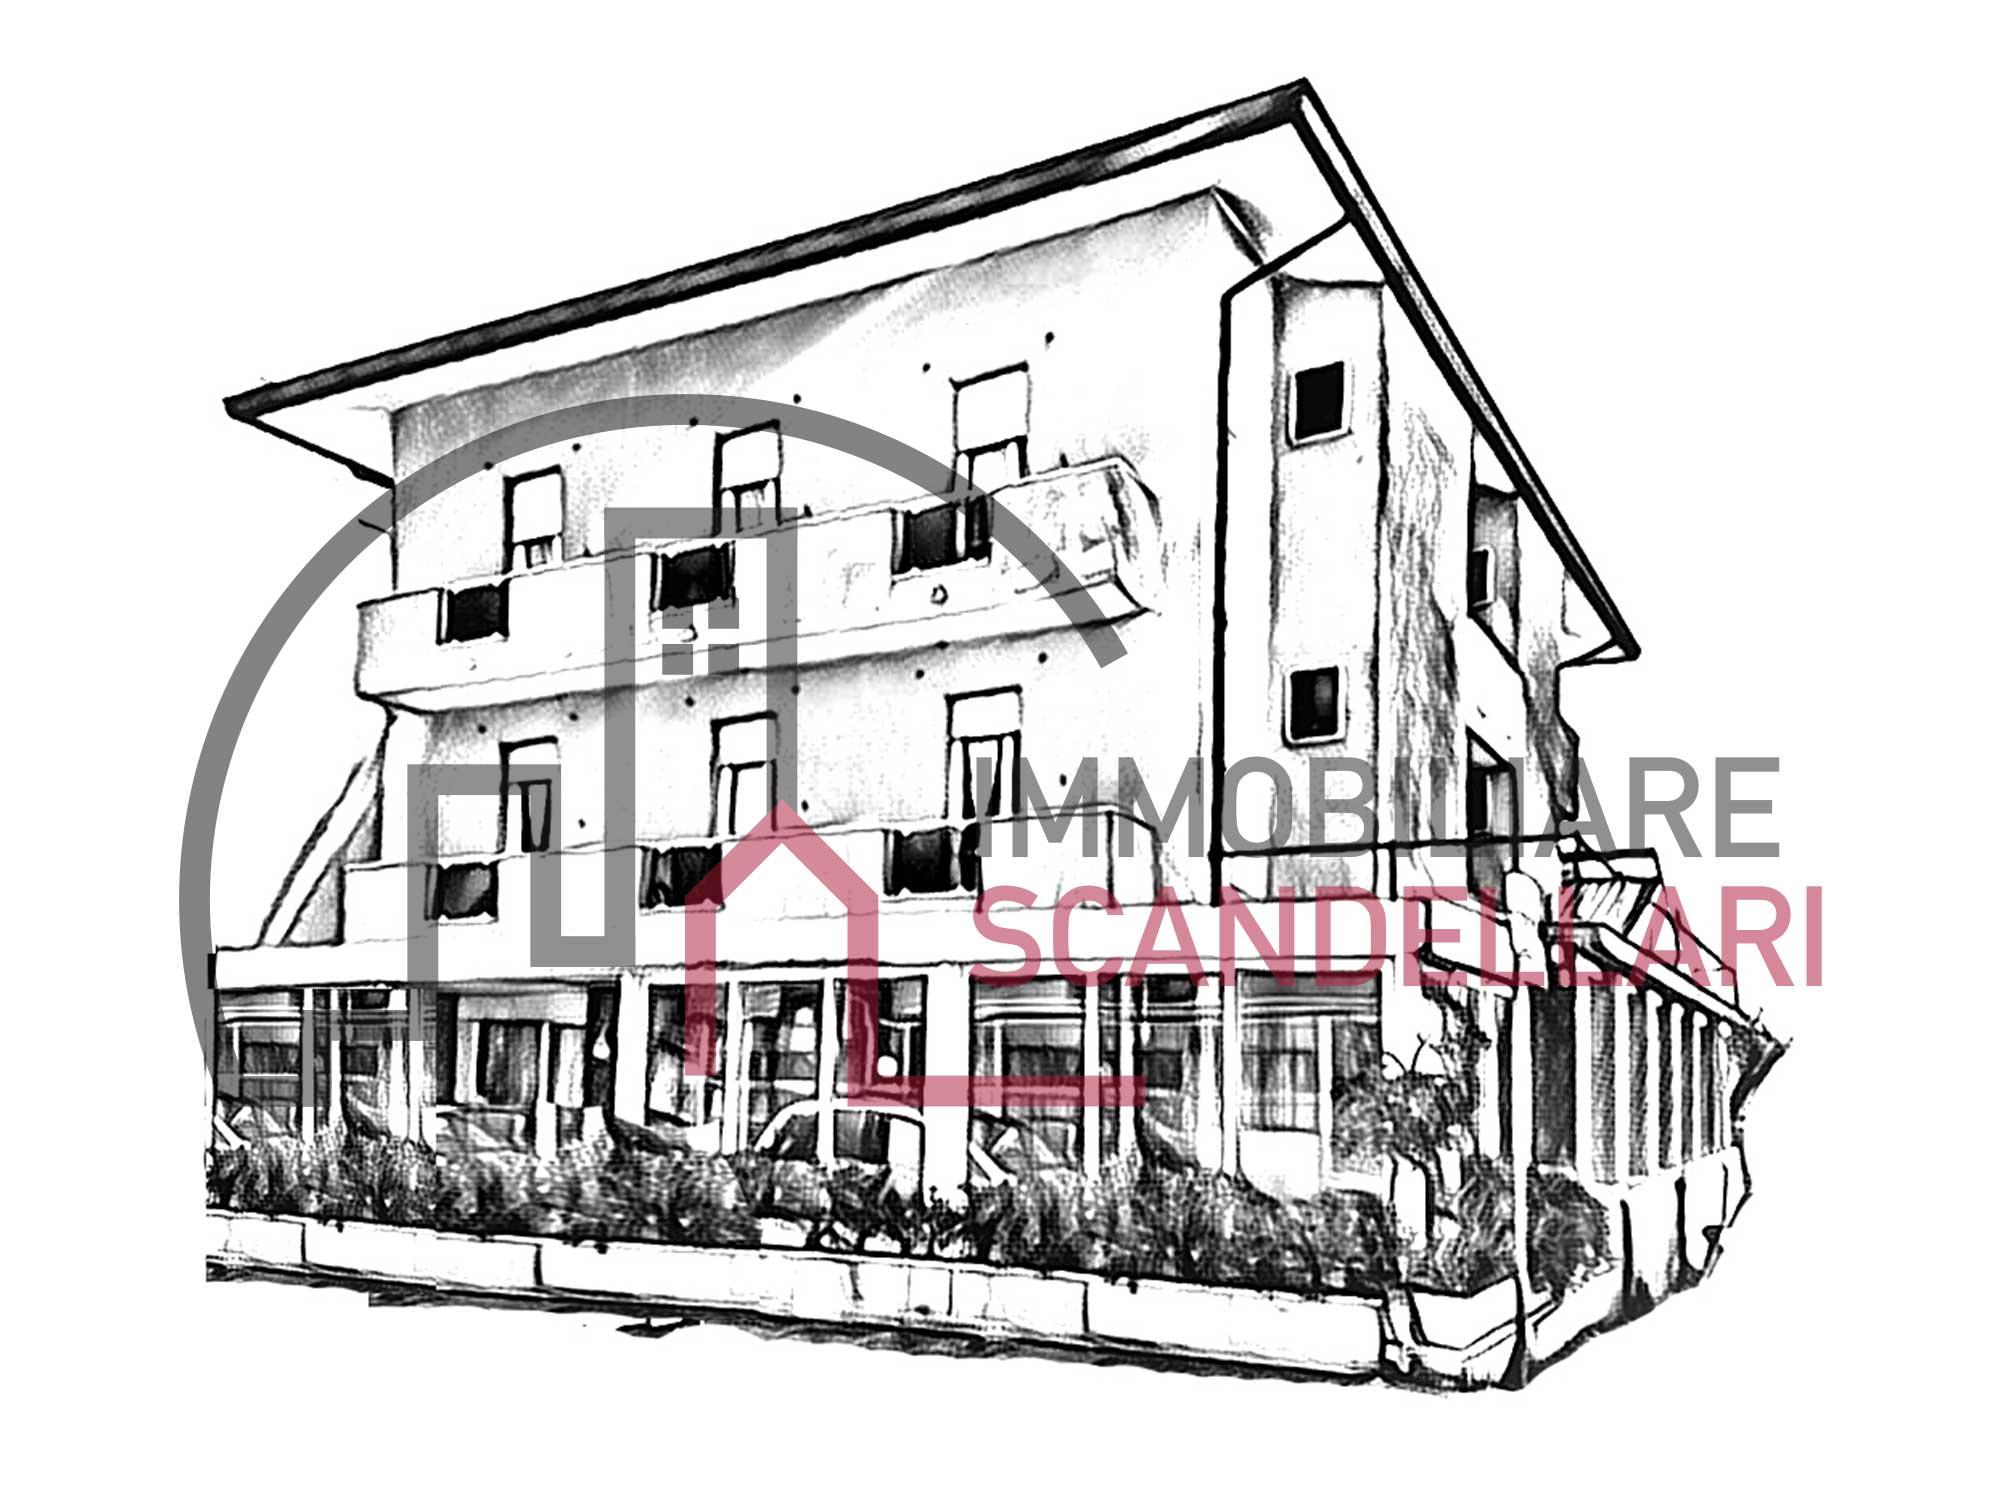 Rimini - Rivabella - Pensione/albergo fronte mare in vendita - Immobiliare Scandellari